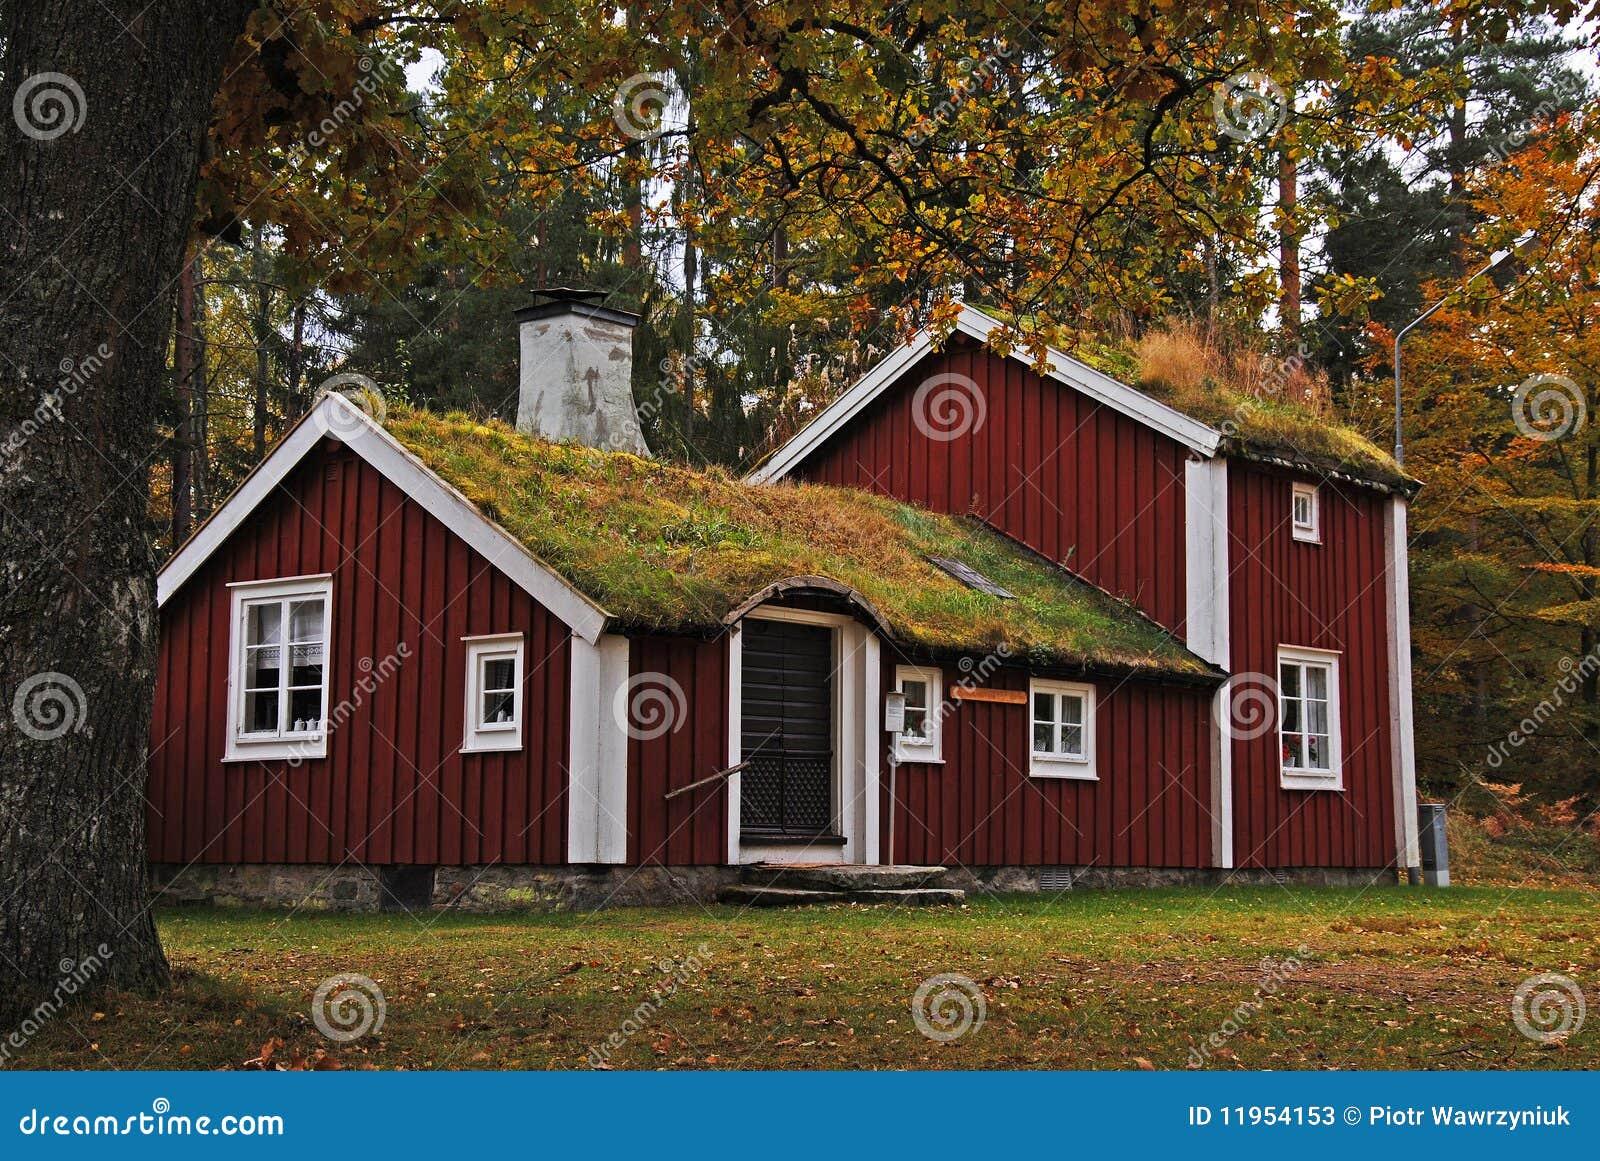 Oud zweeds huis stock foto 39 s afbeelding 11954153 - Foto huis in l ...